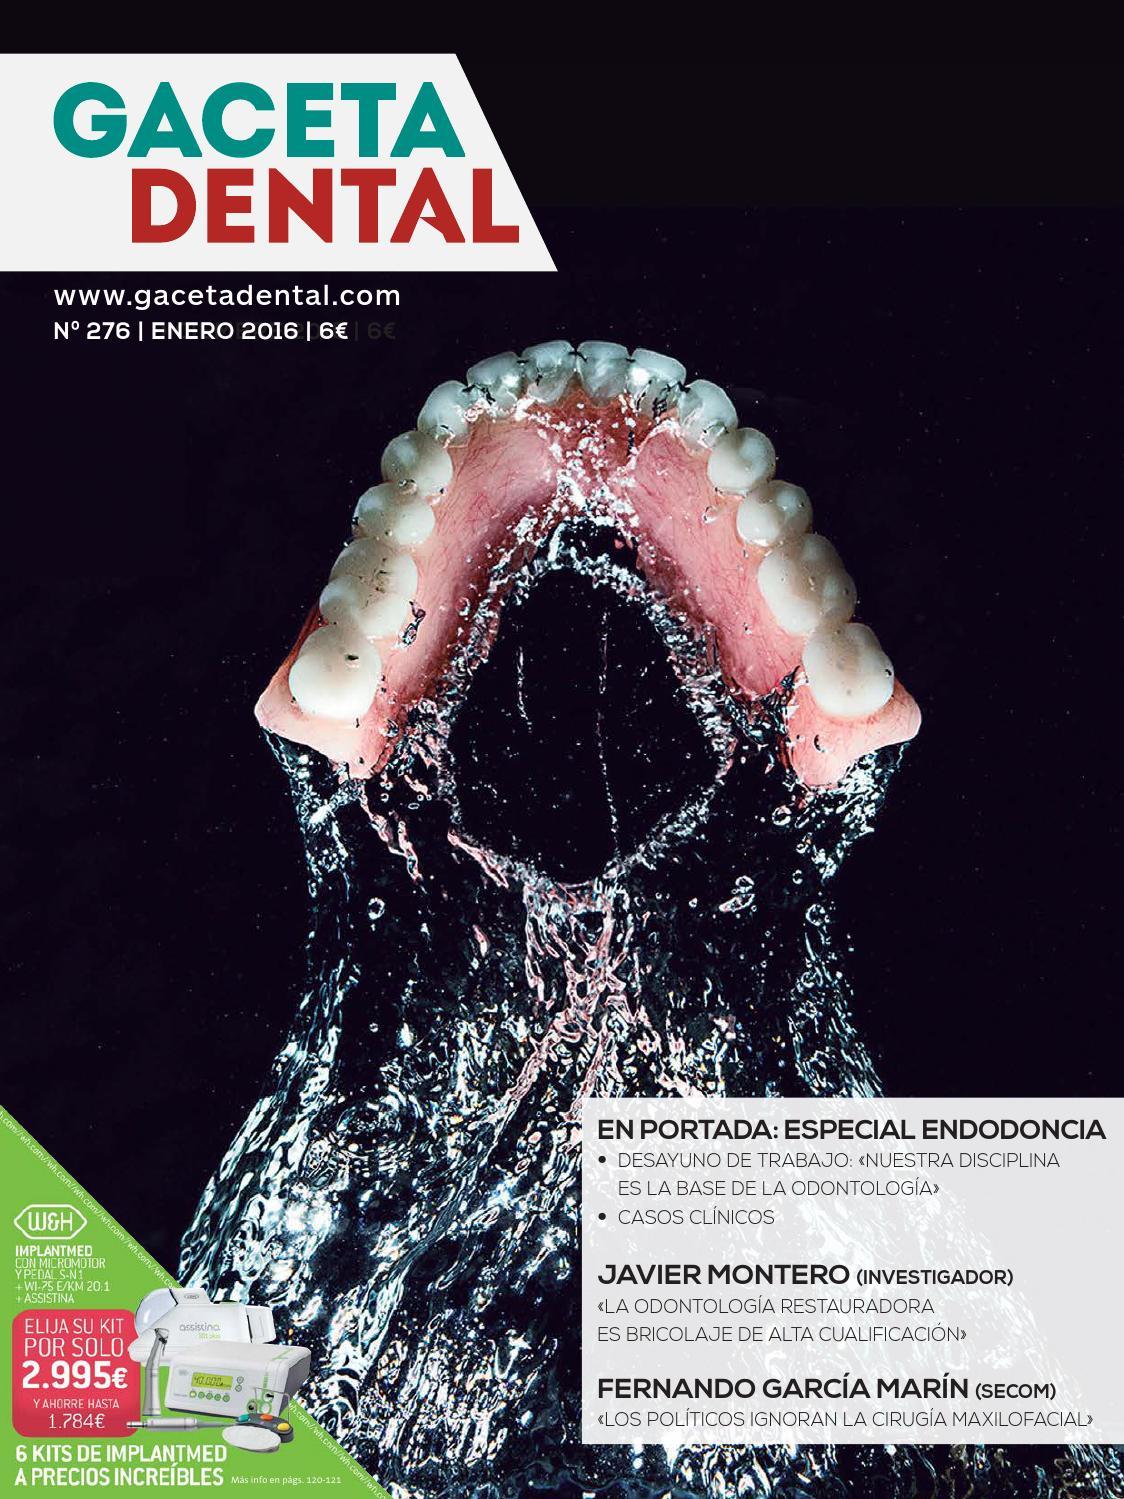 Gaceta Dental - 276 by Peldaño - issuu